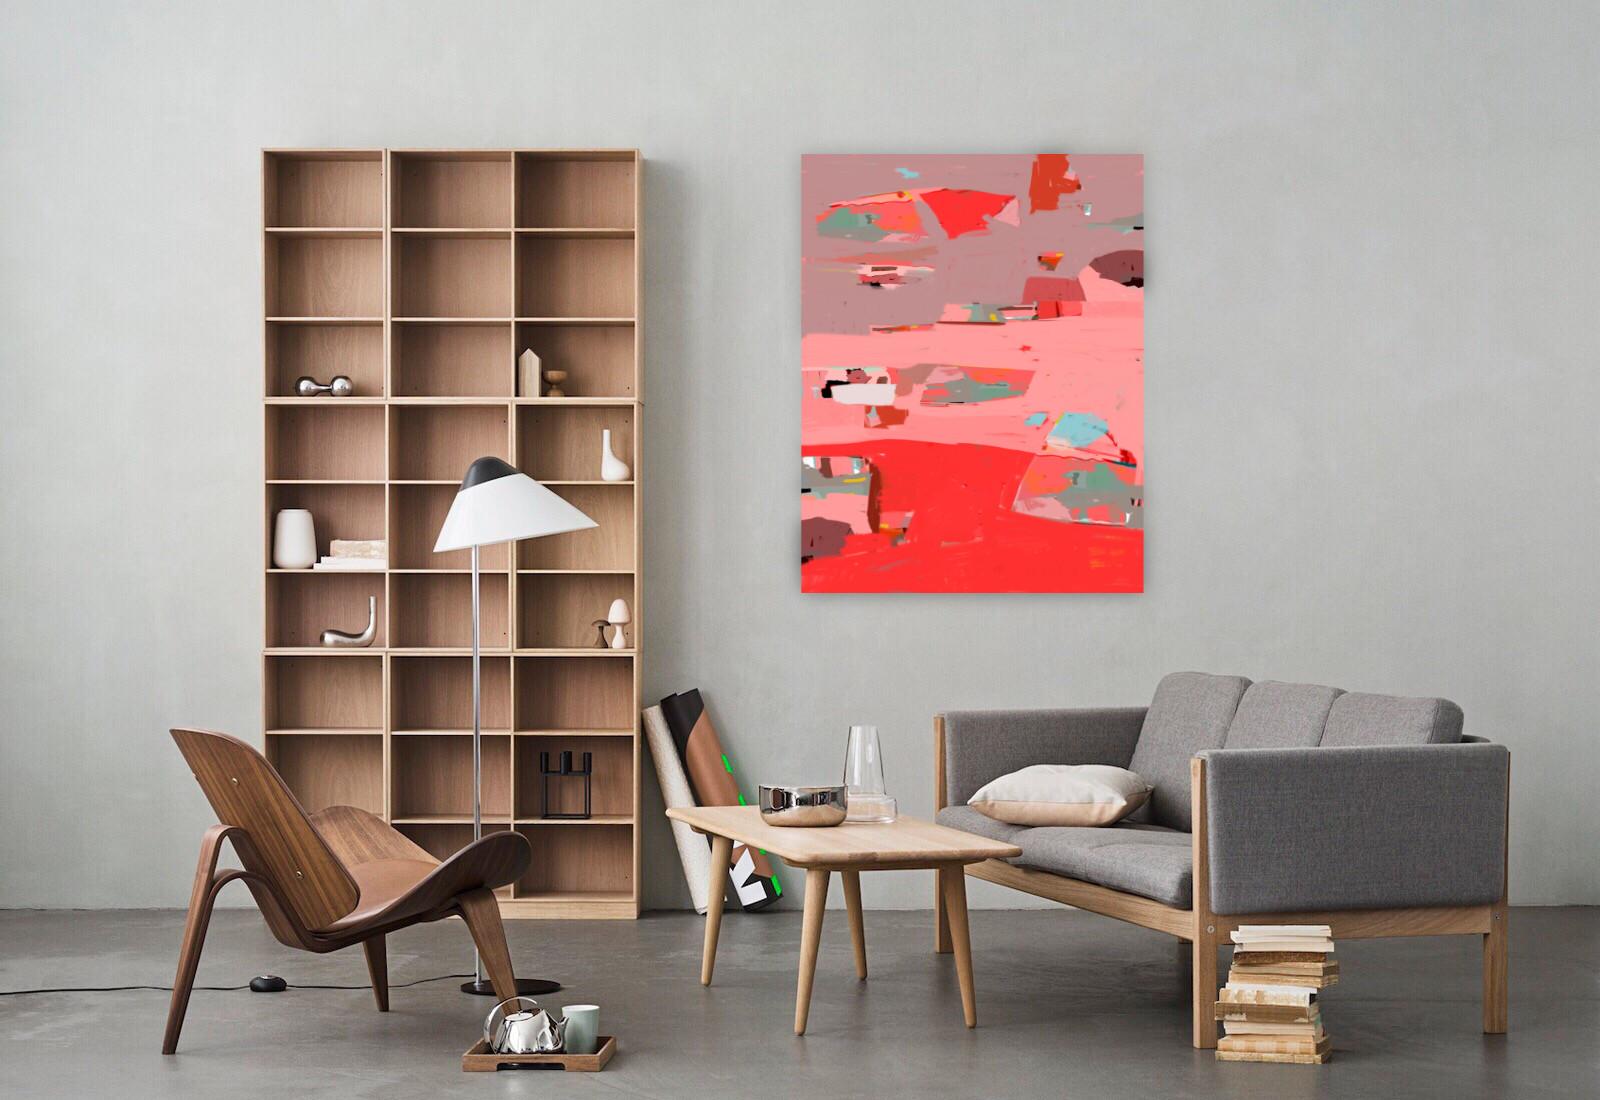 o acheter de beaux tableaux au meilleur prix citemag. Black Bedroom Furniture Sets. Home Design Ideas